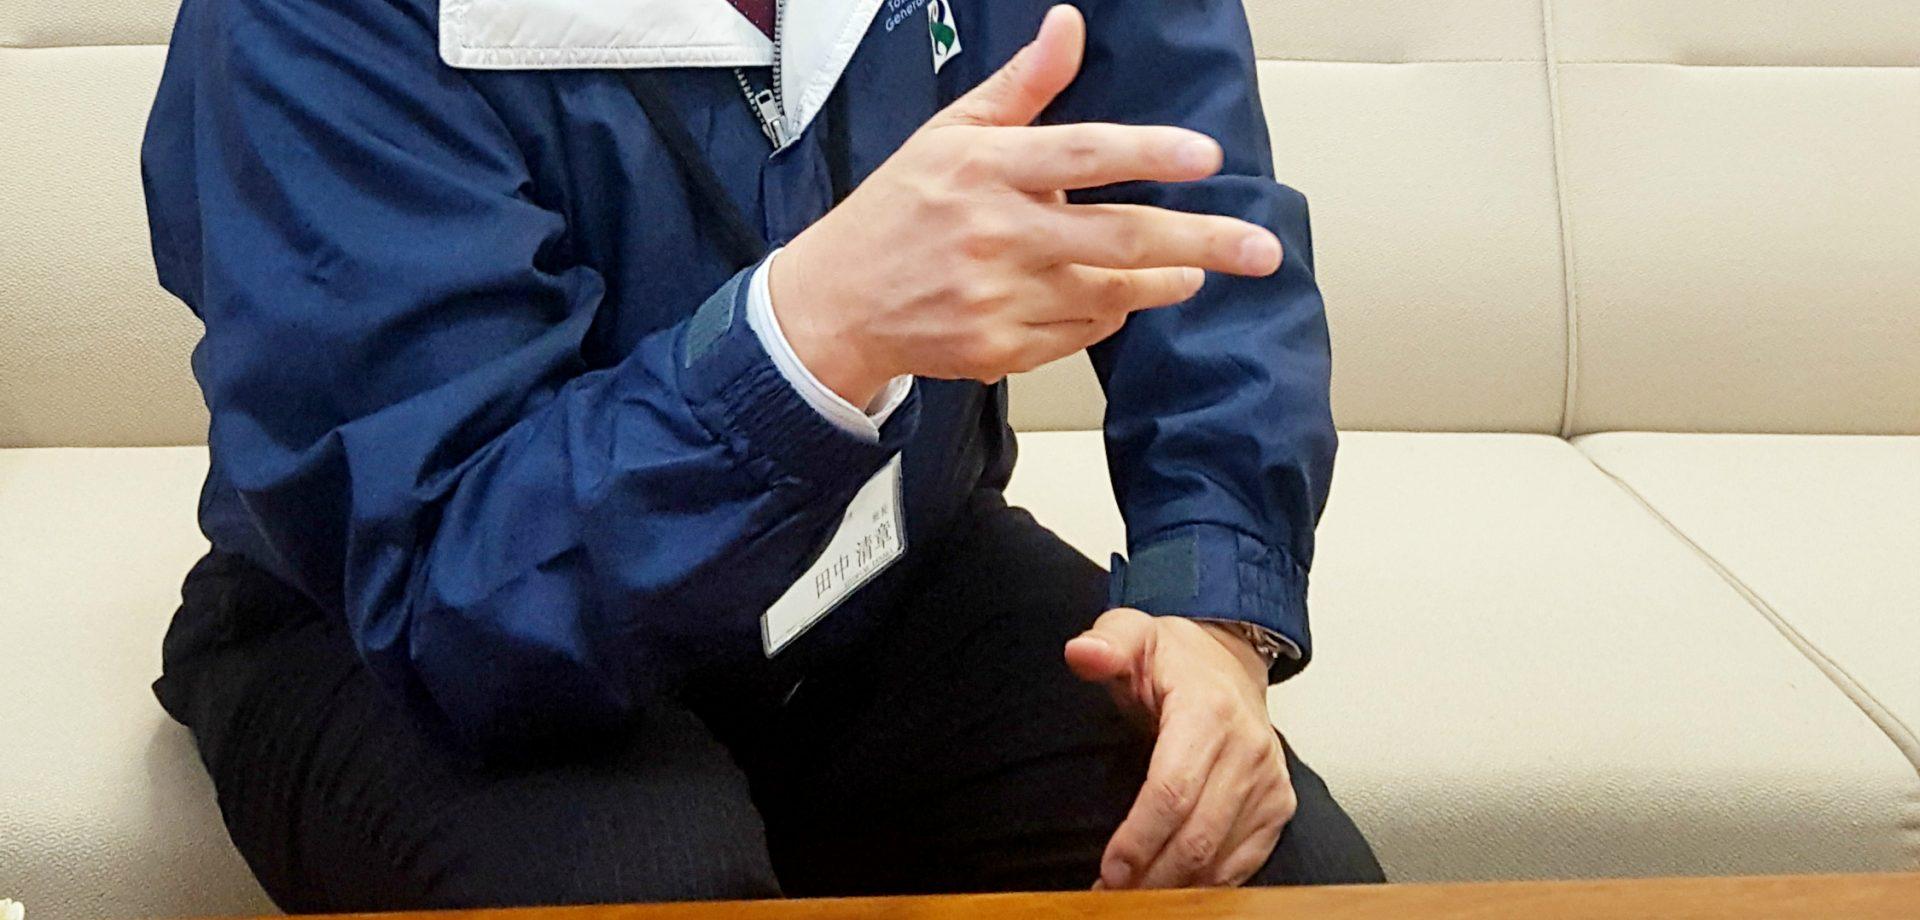 徳島県立総合教育センター特別支援・相談課班長の田中清章先生